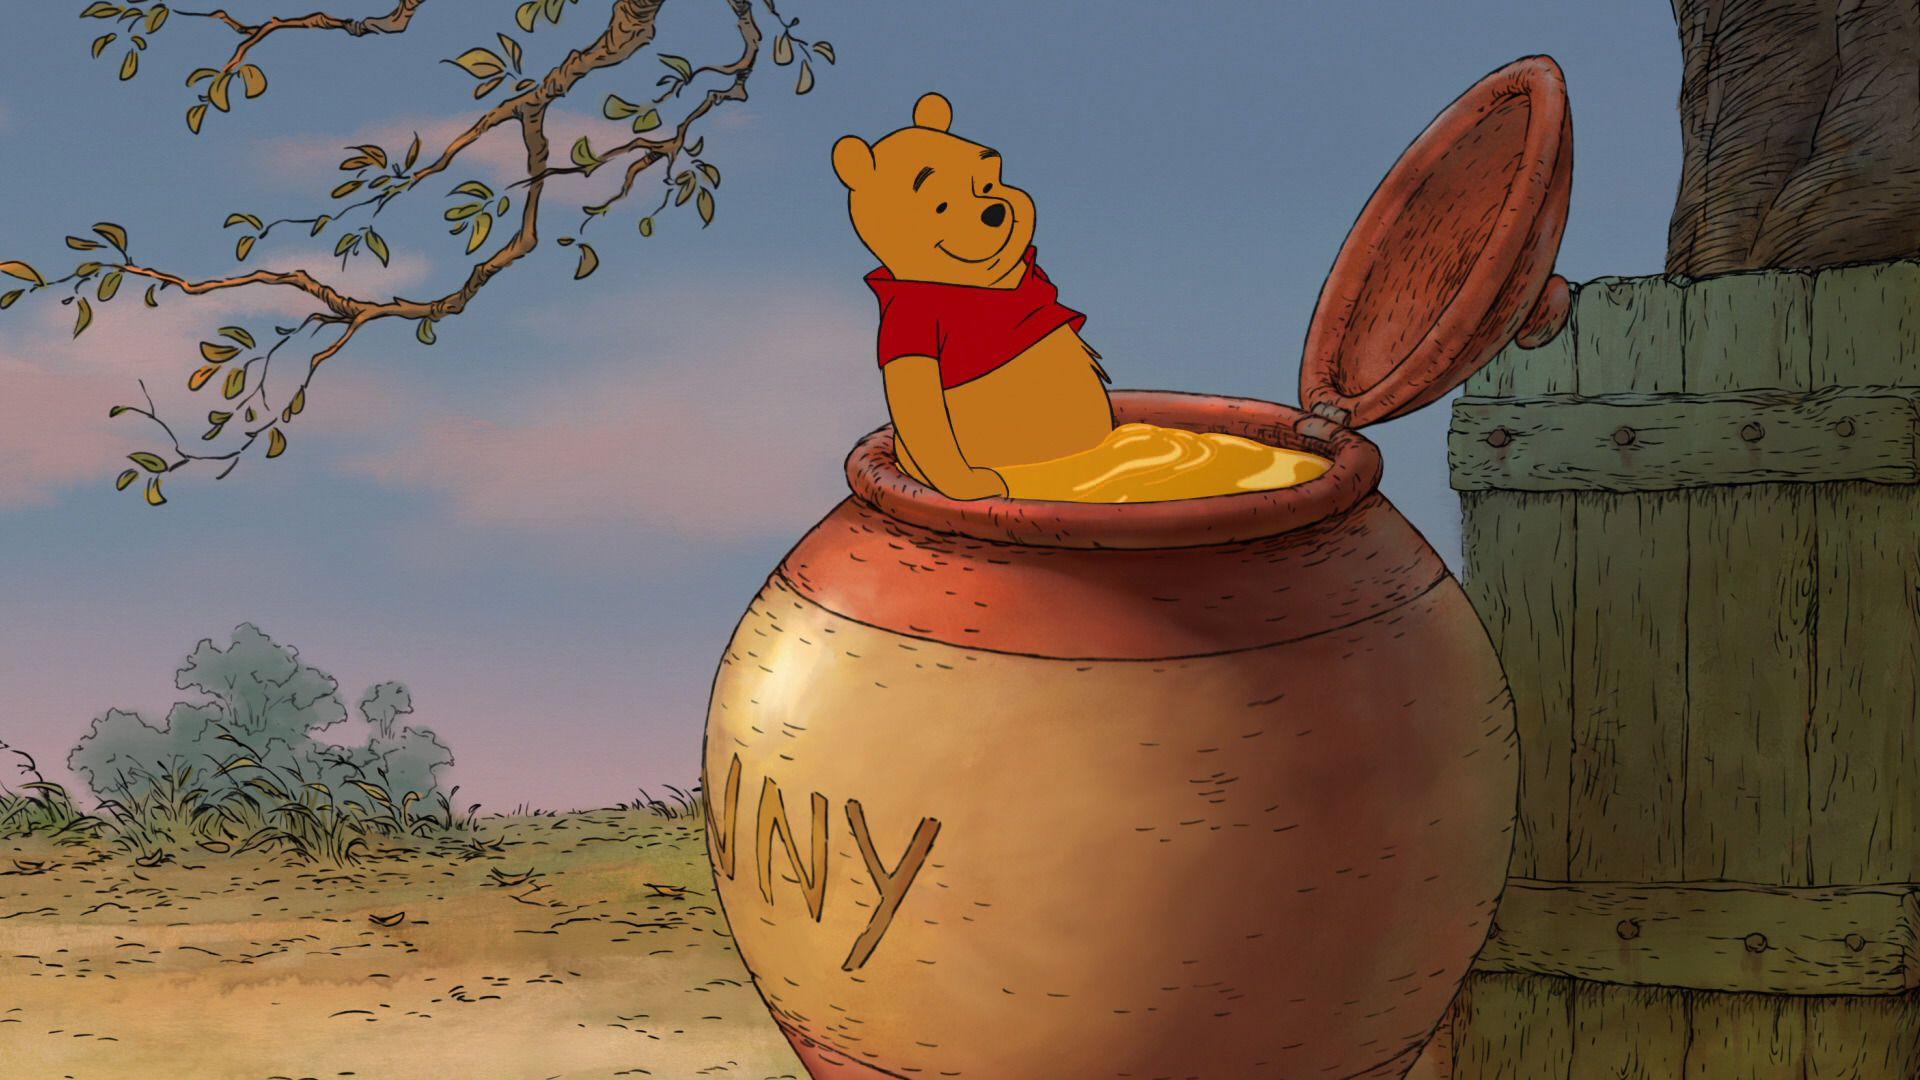 Winnie the pooh hunny pot